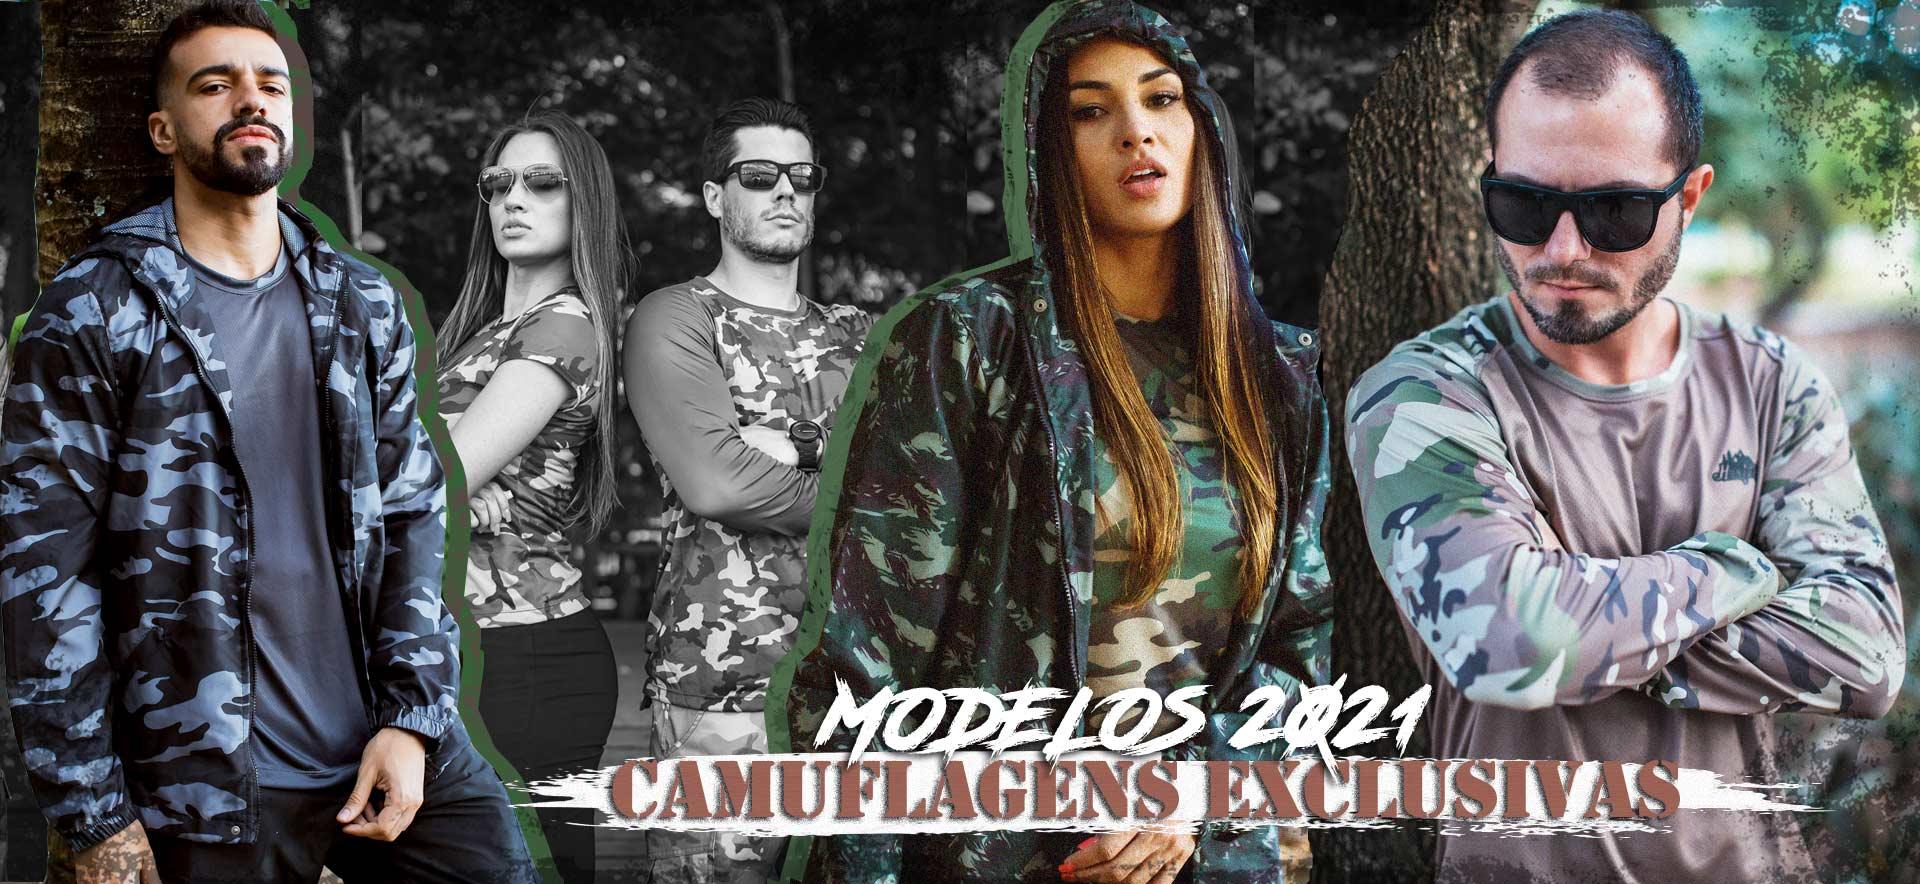 CAMISETAS CAMUFLADAS